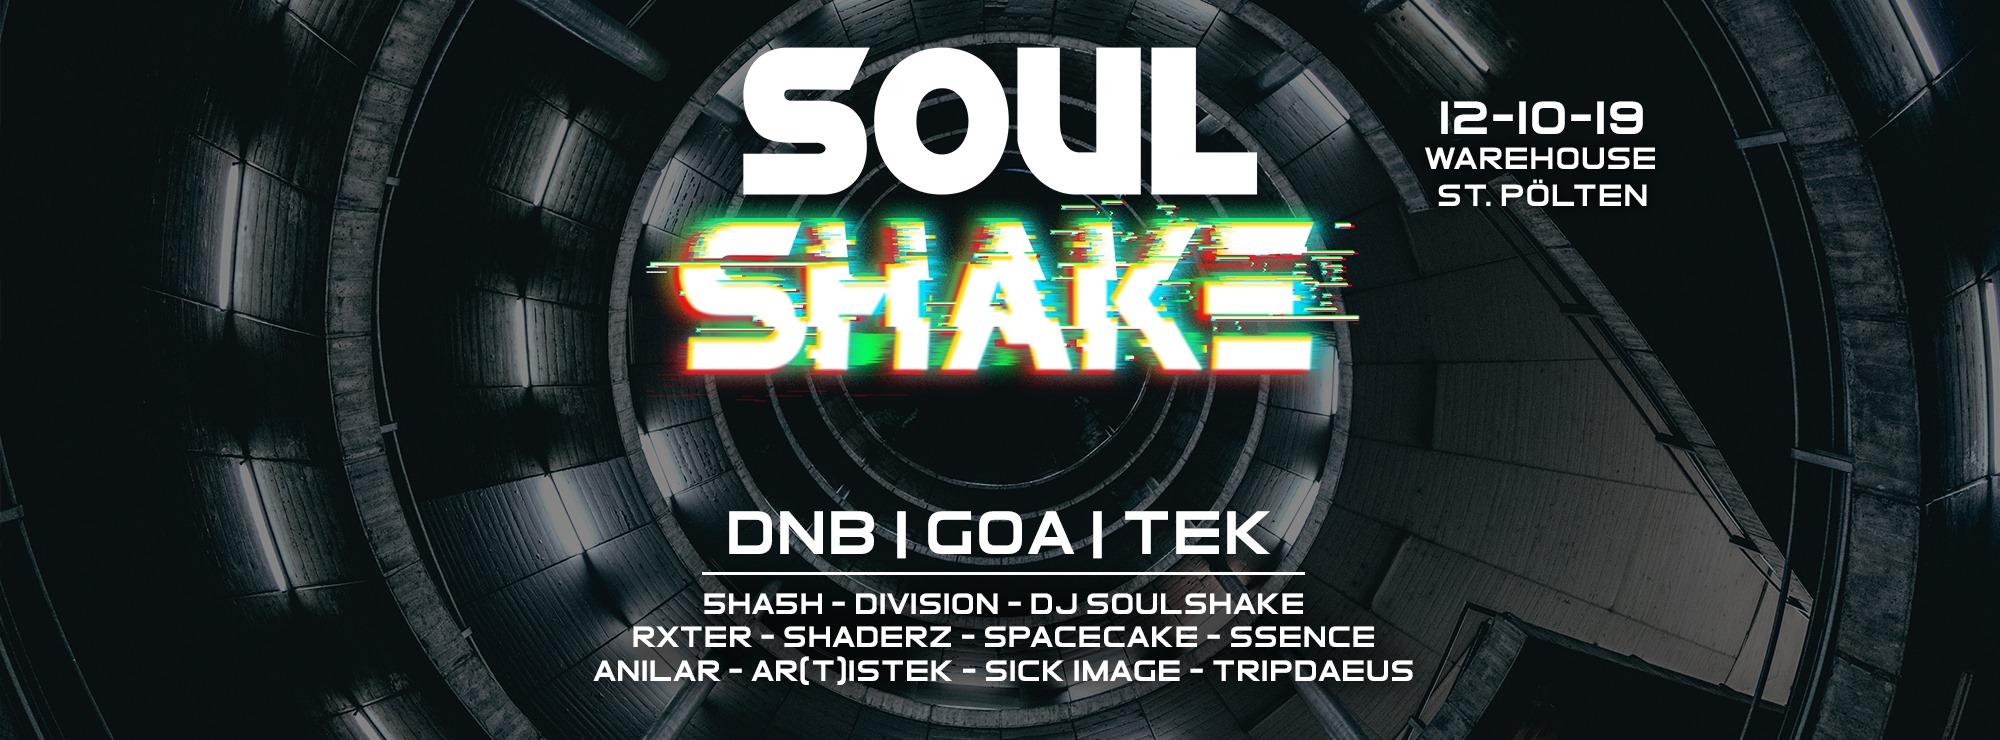 Soulshake w/ DNB, GOA & TEK